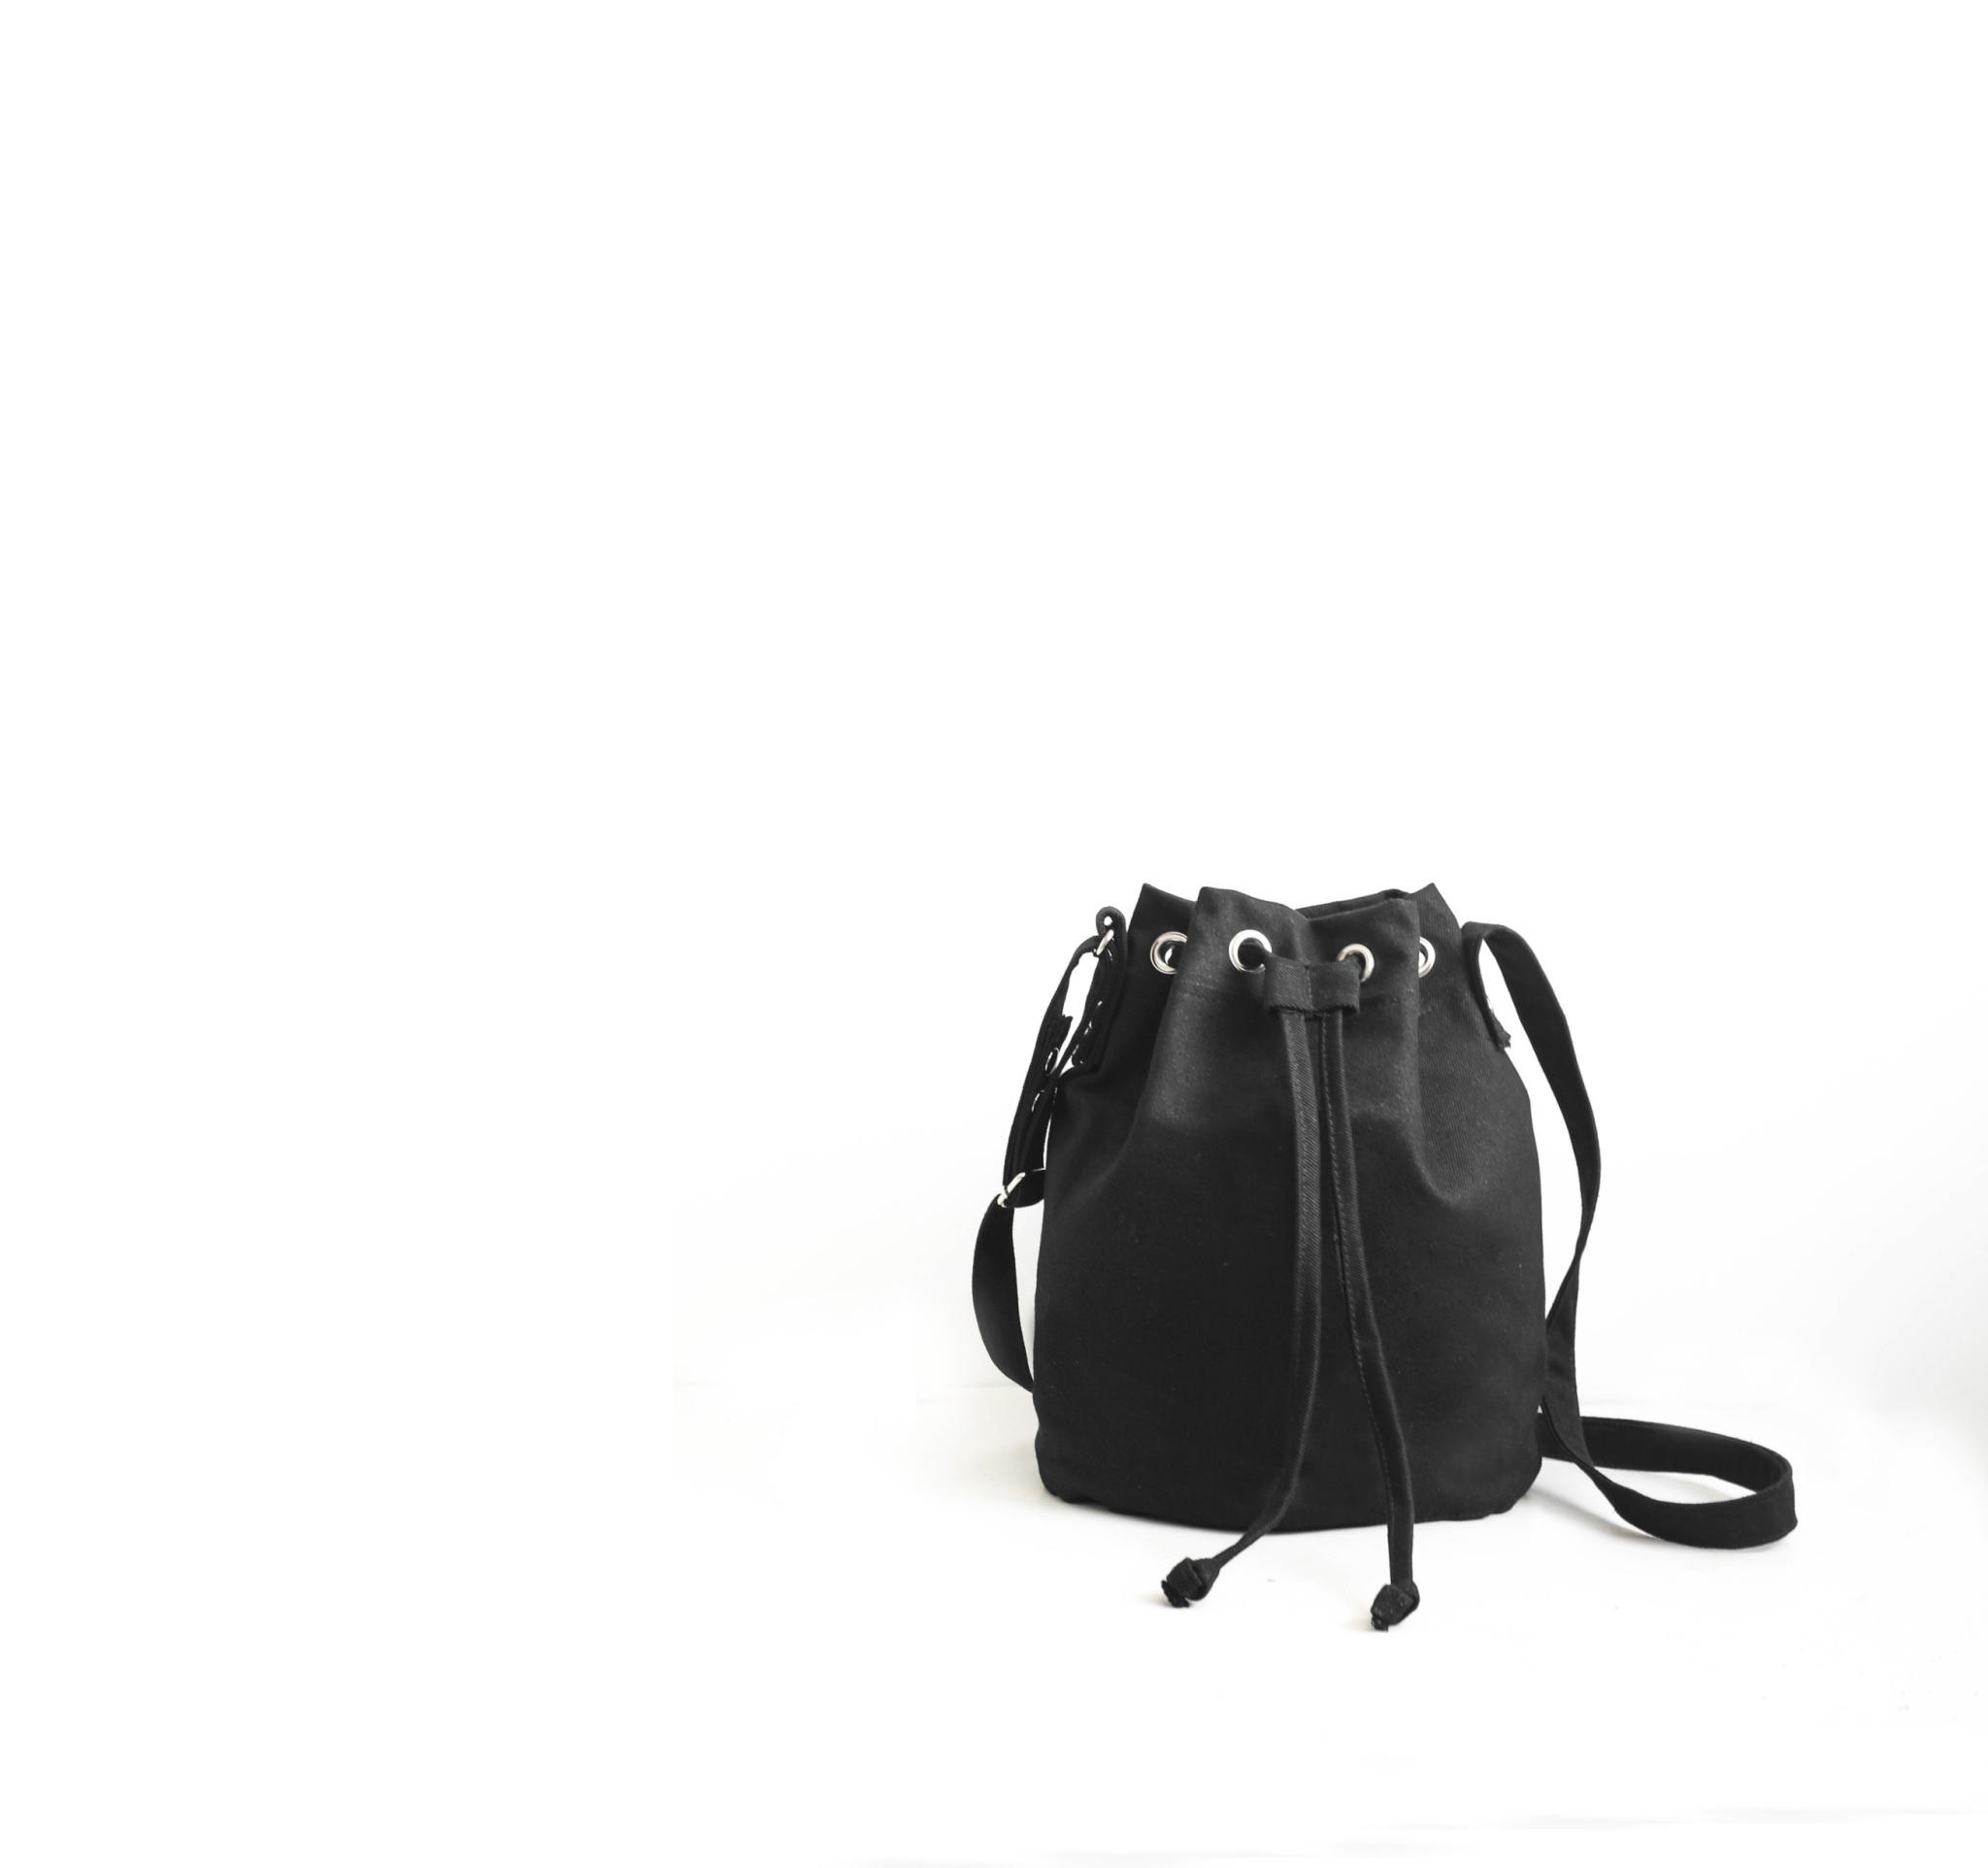 ผู้หญิง,women,bag,กระเป๋าสะพาย,กระเป๋าผู้หญิง,กระเป๋าสีดำ